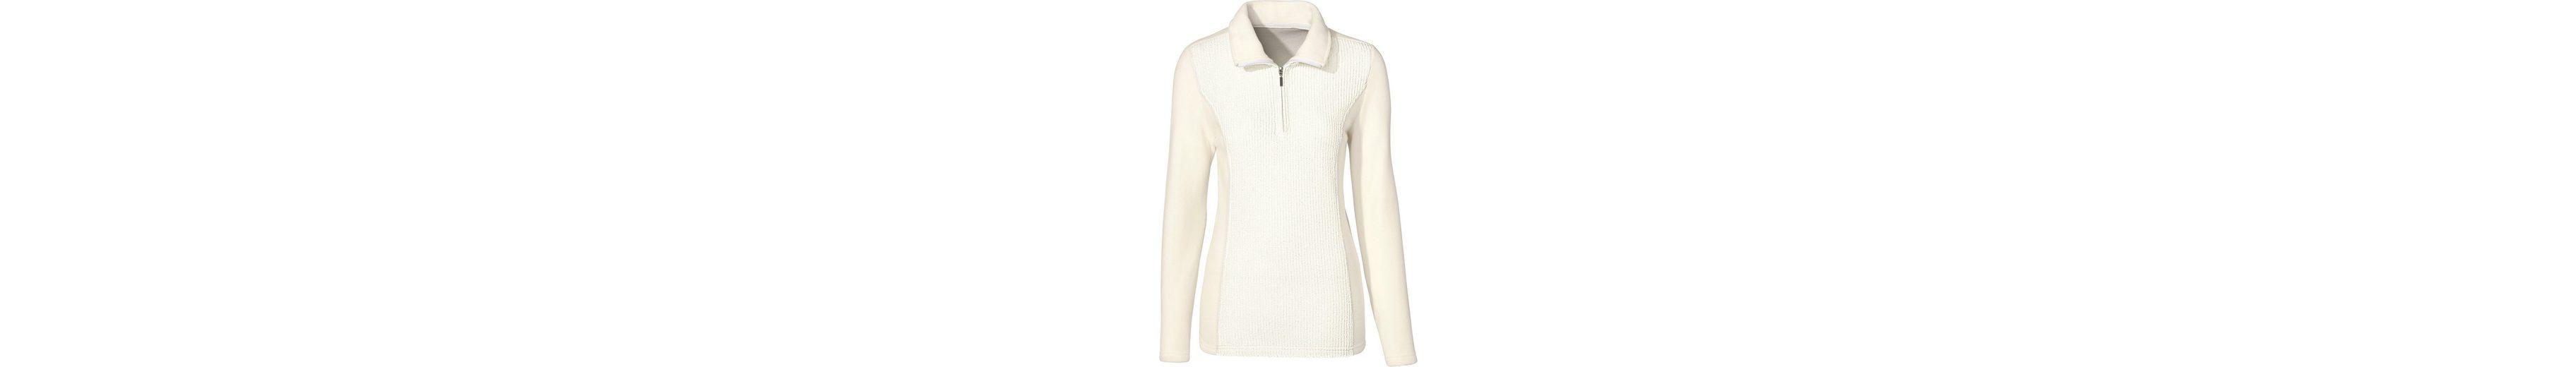 Classic Basics Fleece-Shirt mit Ripp-Optik Billig Verkauf 2018 Unisex Billige Echte Bester Speicher Billig Online Zu Bekommen Rabatt-Codes Wirklich Billig ox8IgGnz